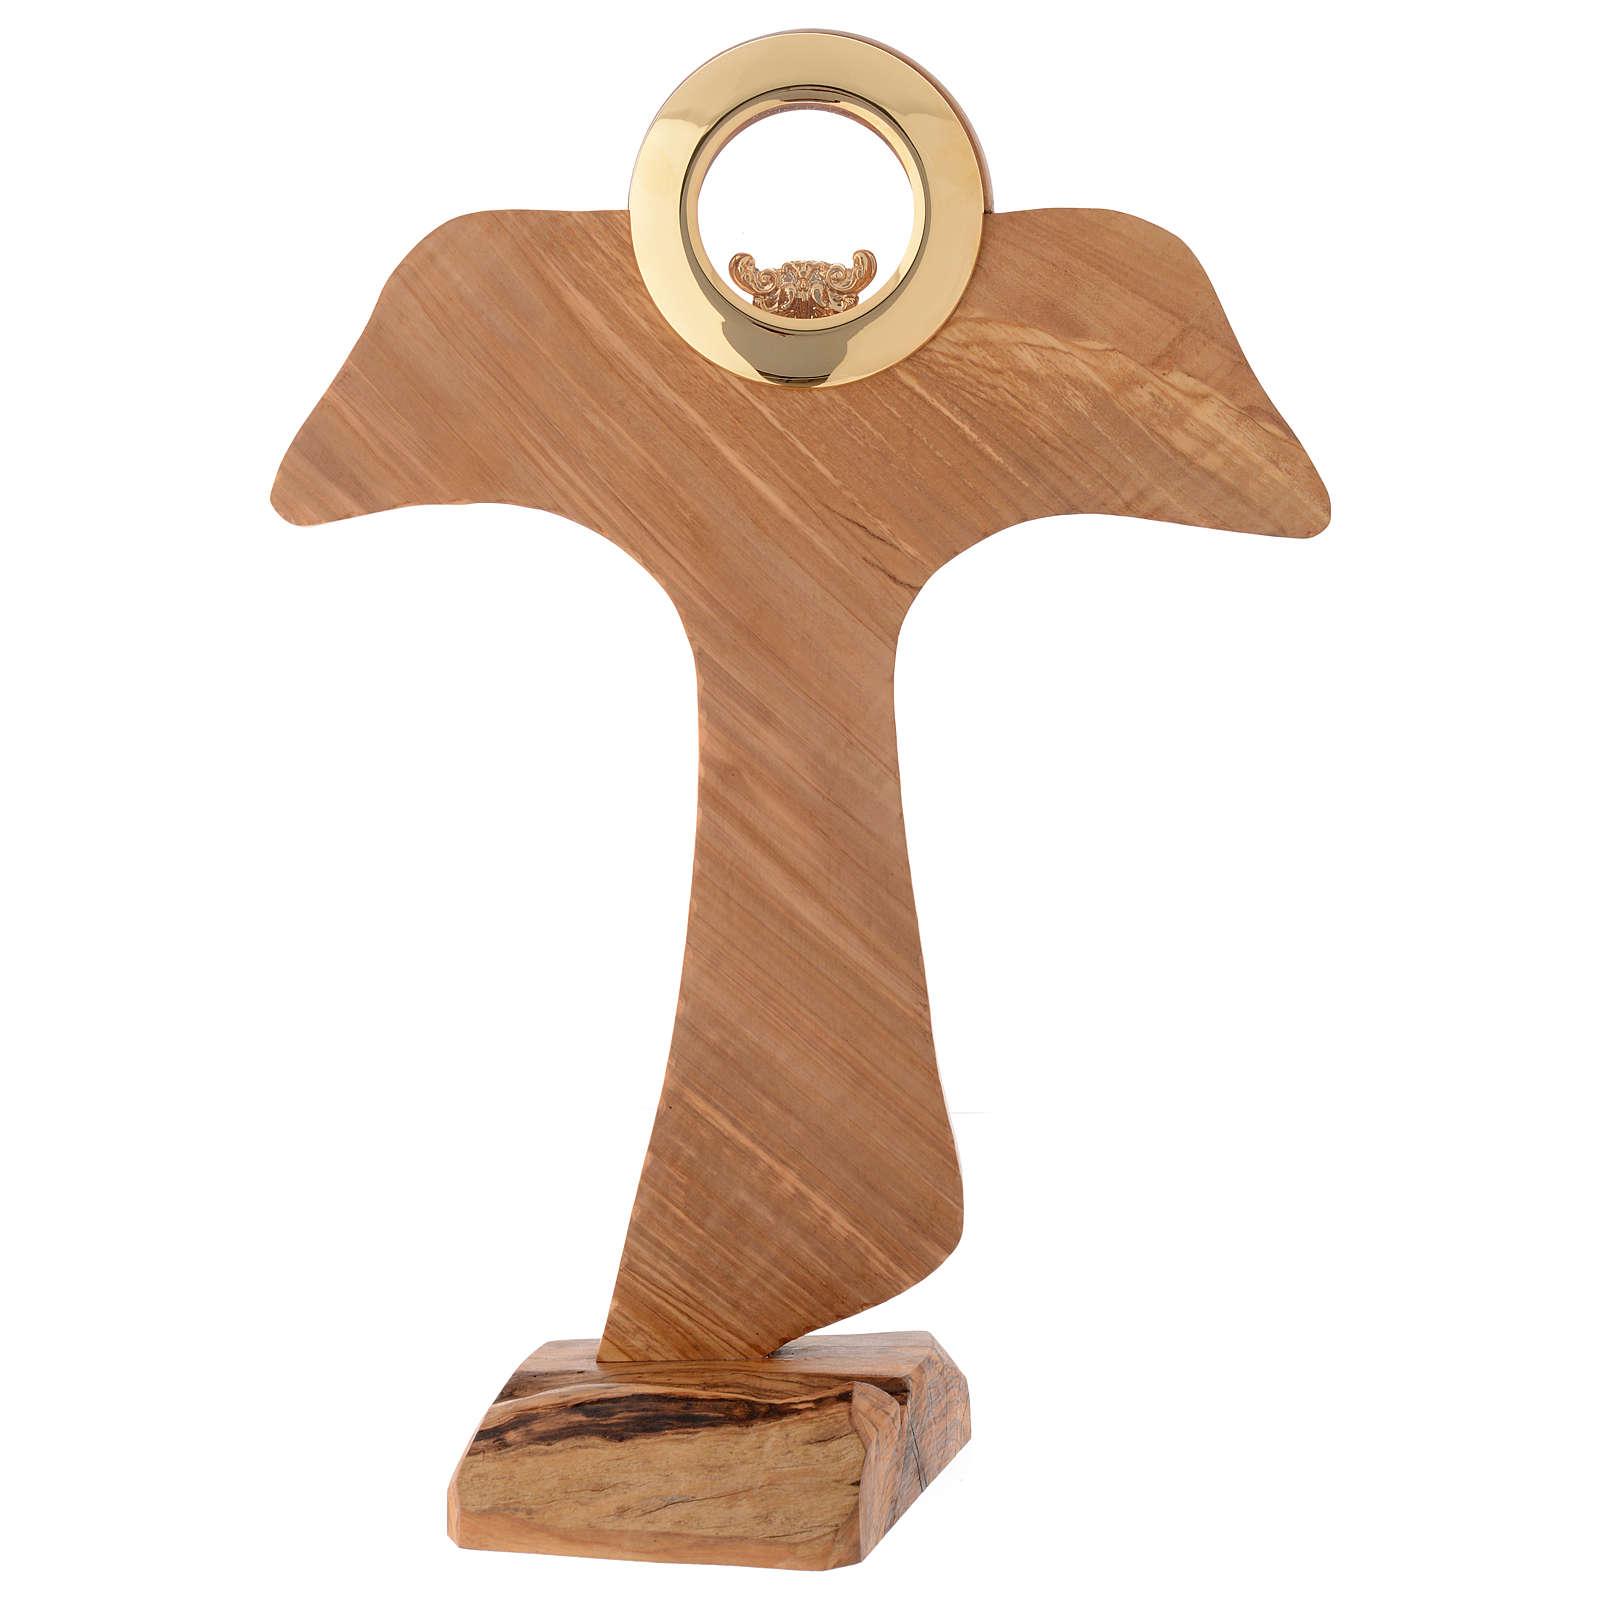 Ostensório Tau madeira oliveira sazonada diâmetro 9 cm 4